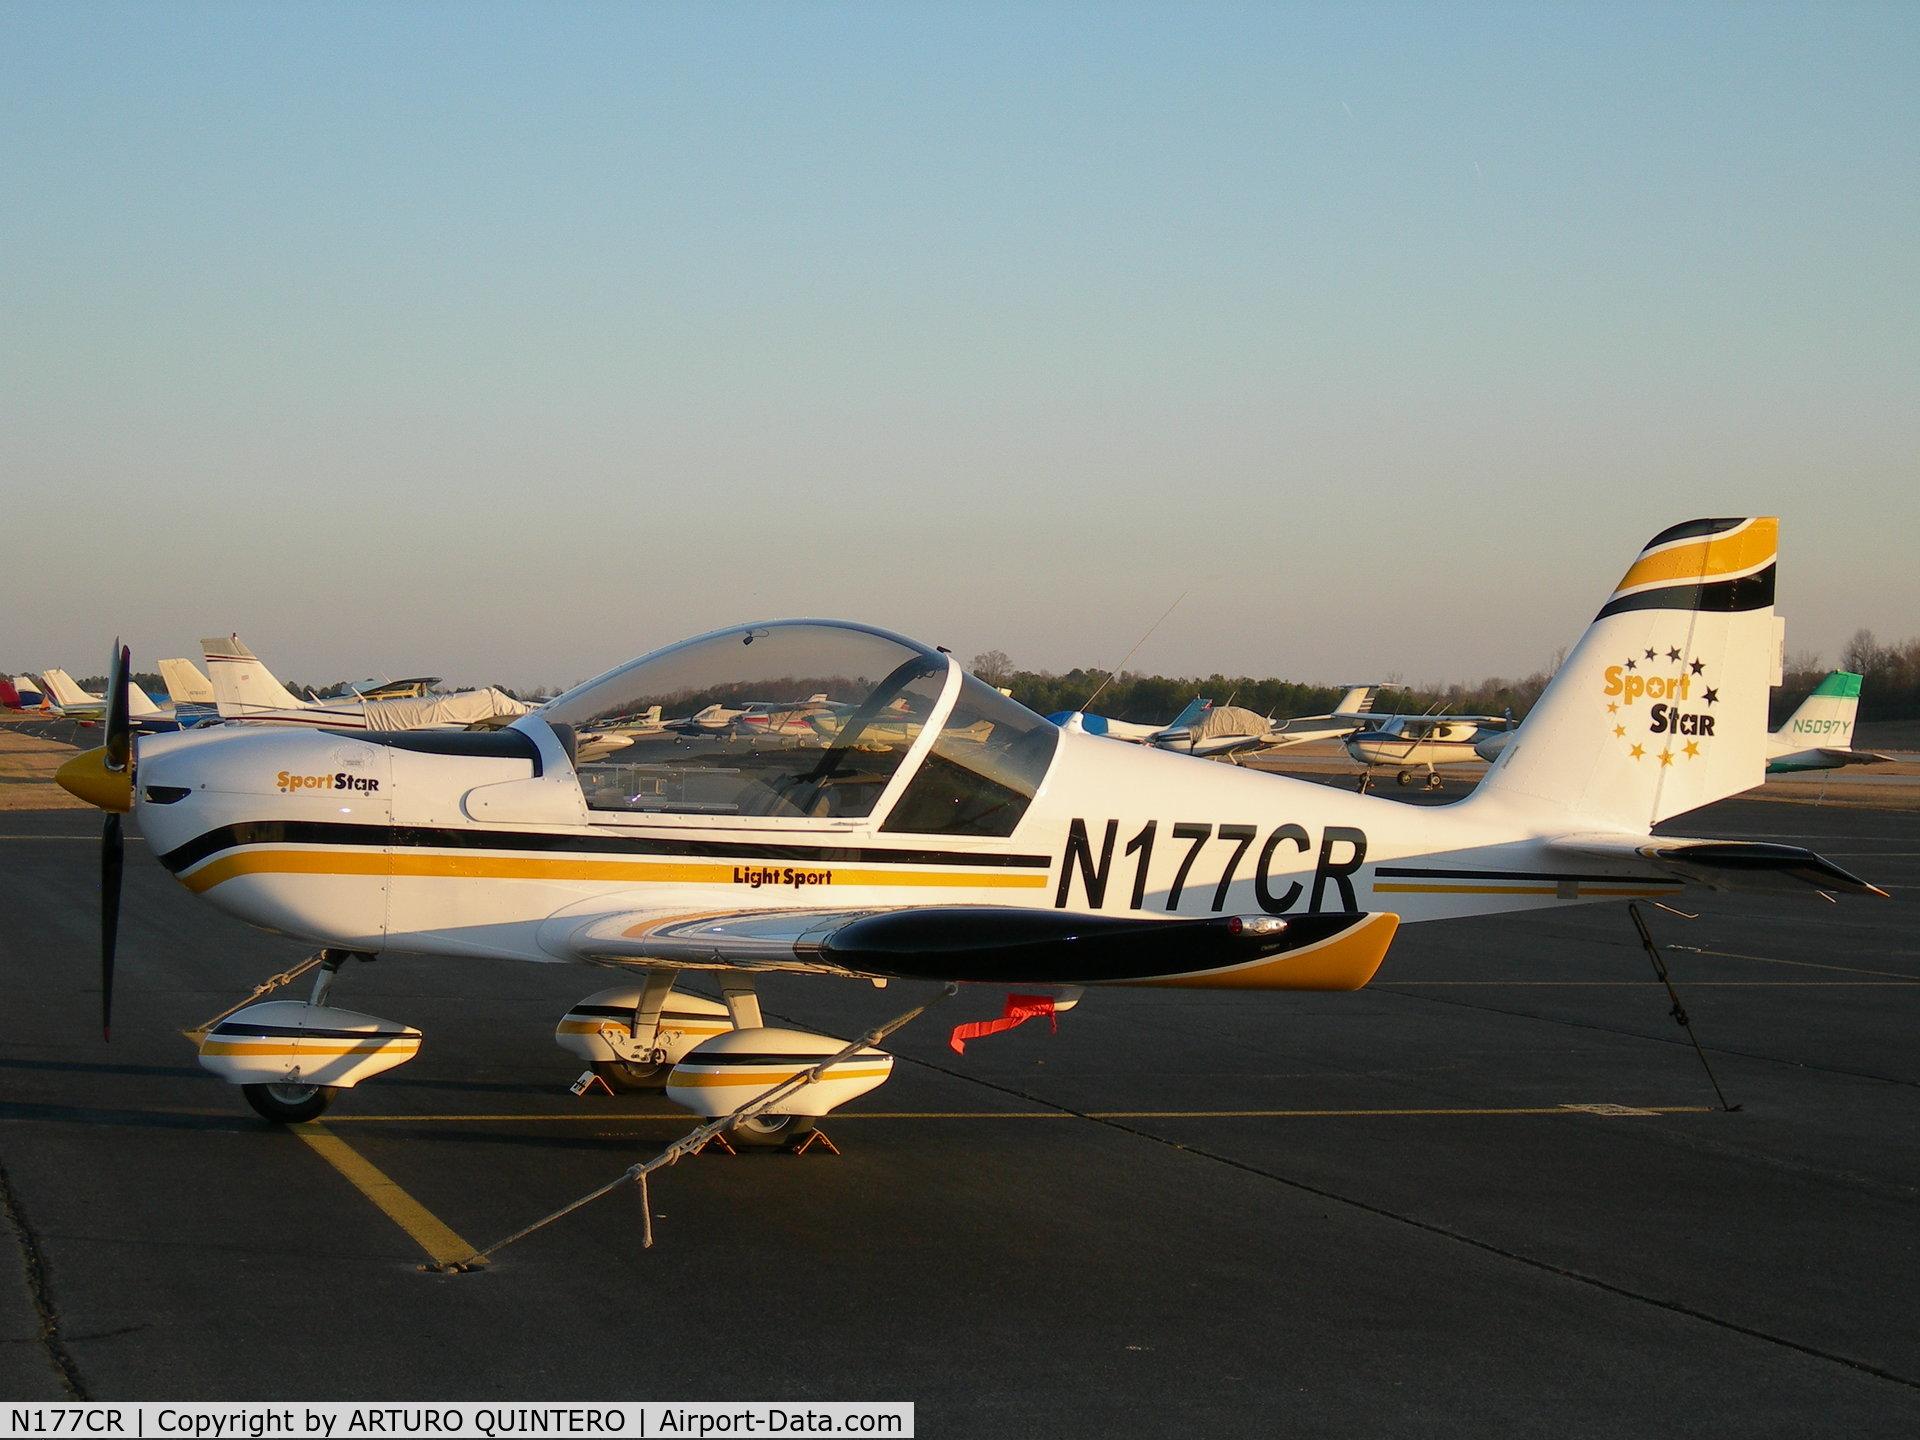 N177CR, 2006 Evektor-Aerotechnik SPORTSTAR C/N 20060611, PARKED AT RAMP